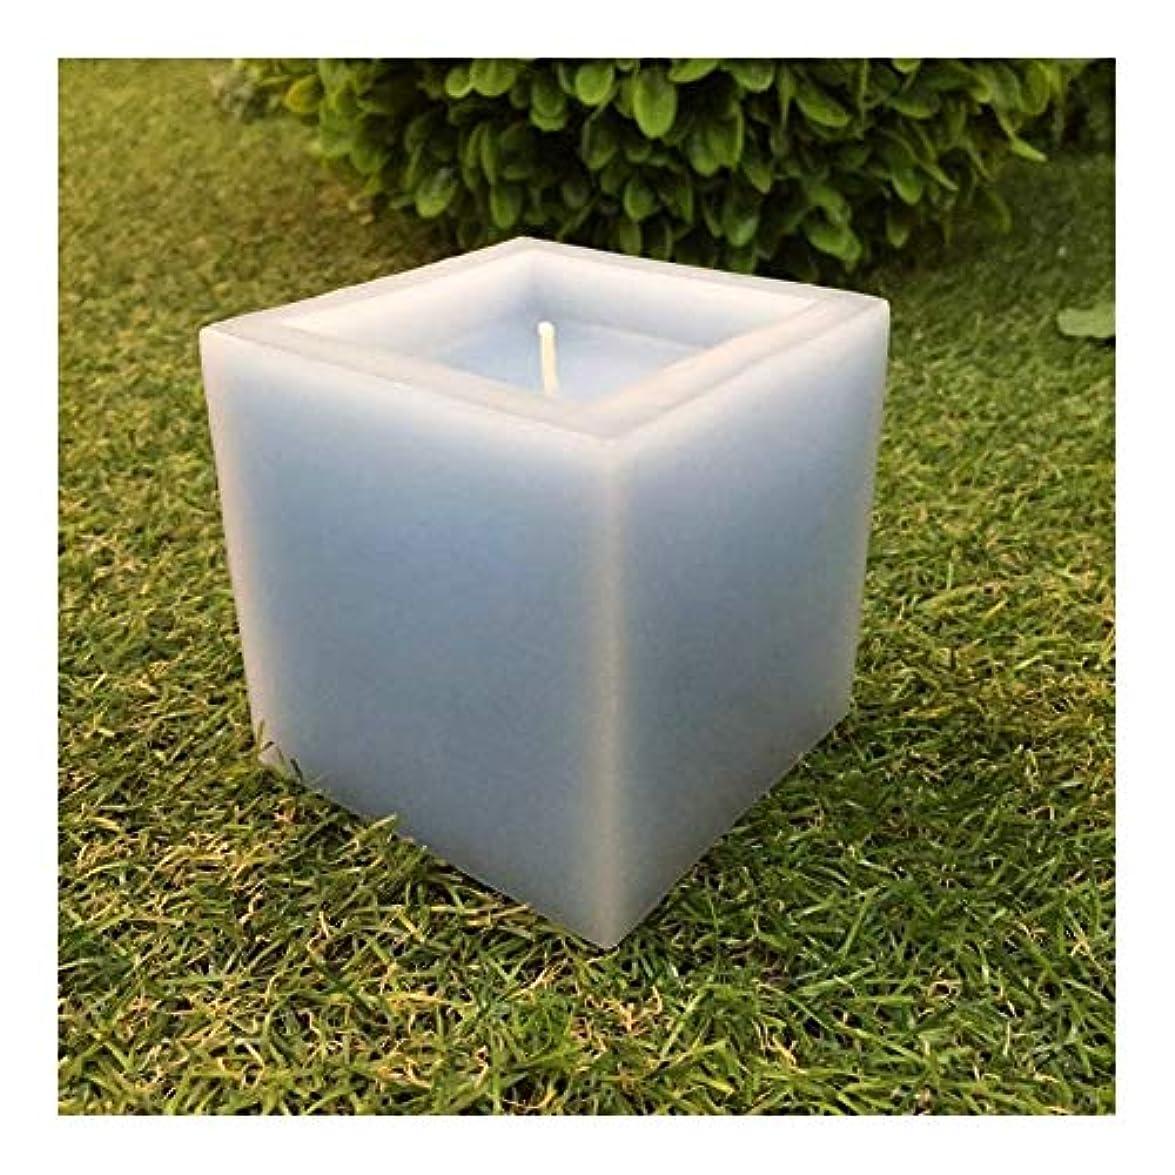 順応性リテラシー目指すZtian 四角い凹型装飾キャンドルアレンジ用品